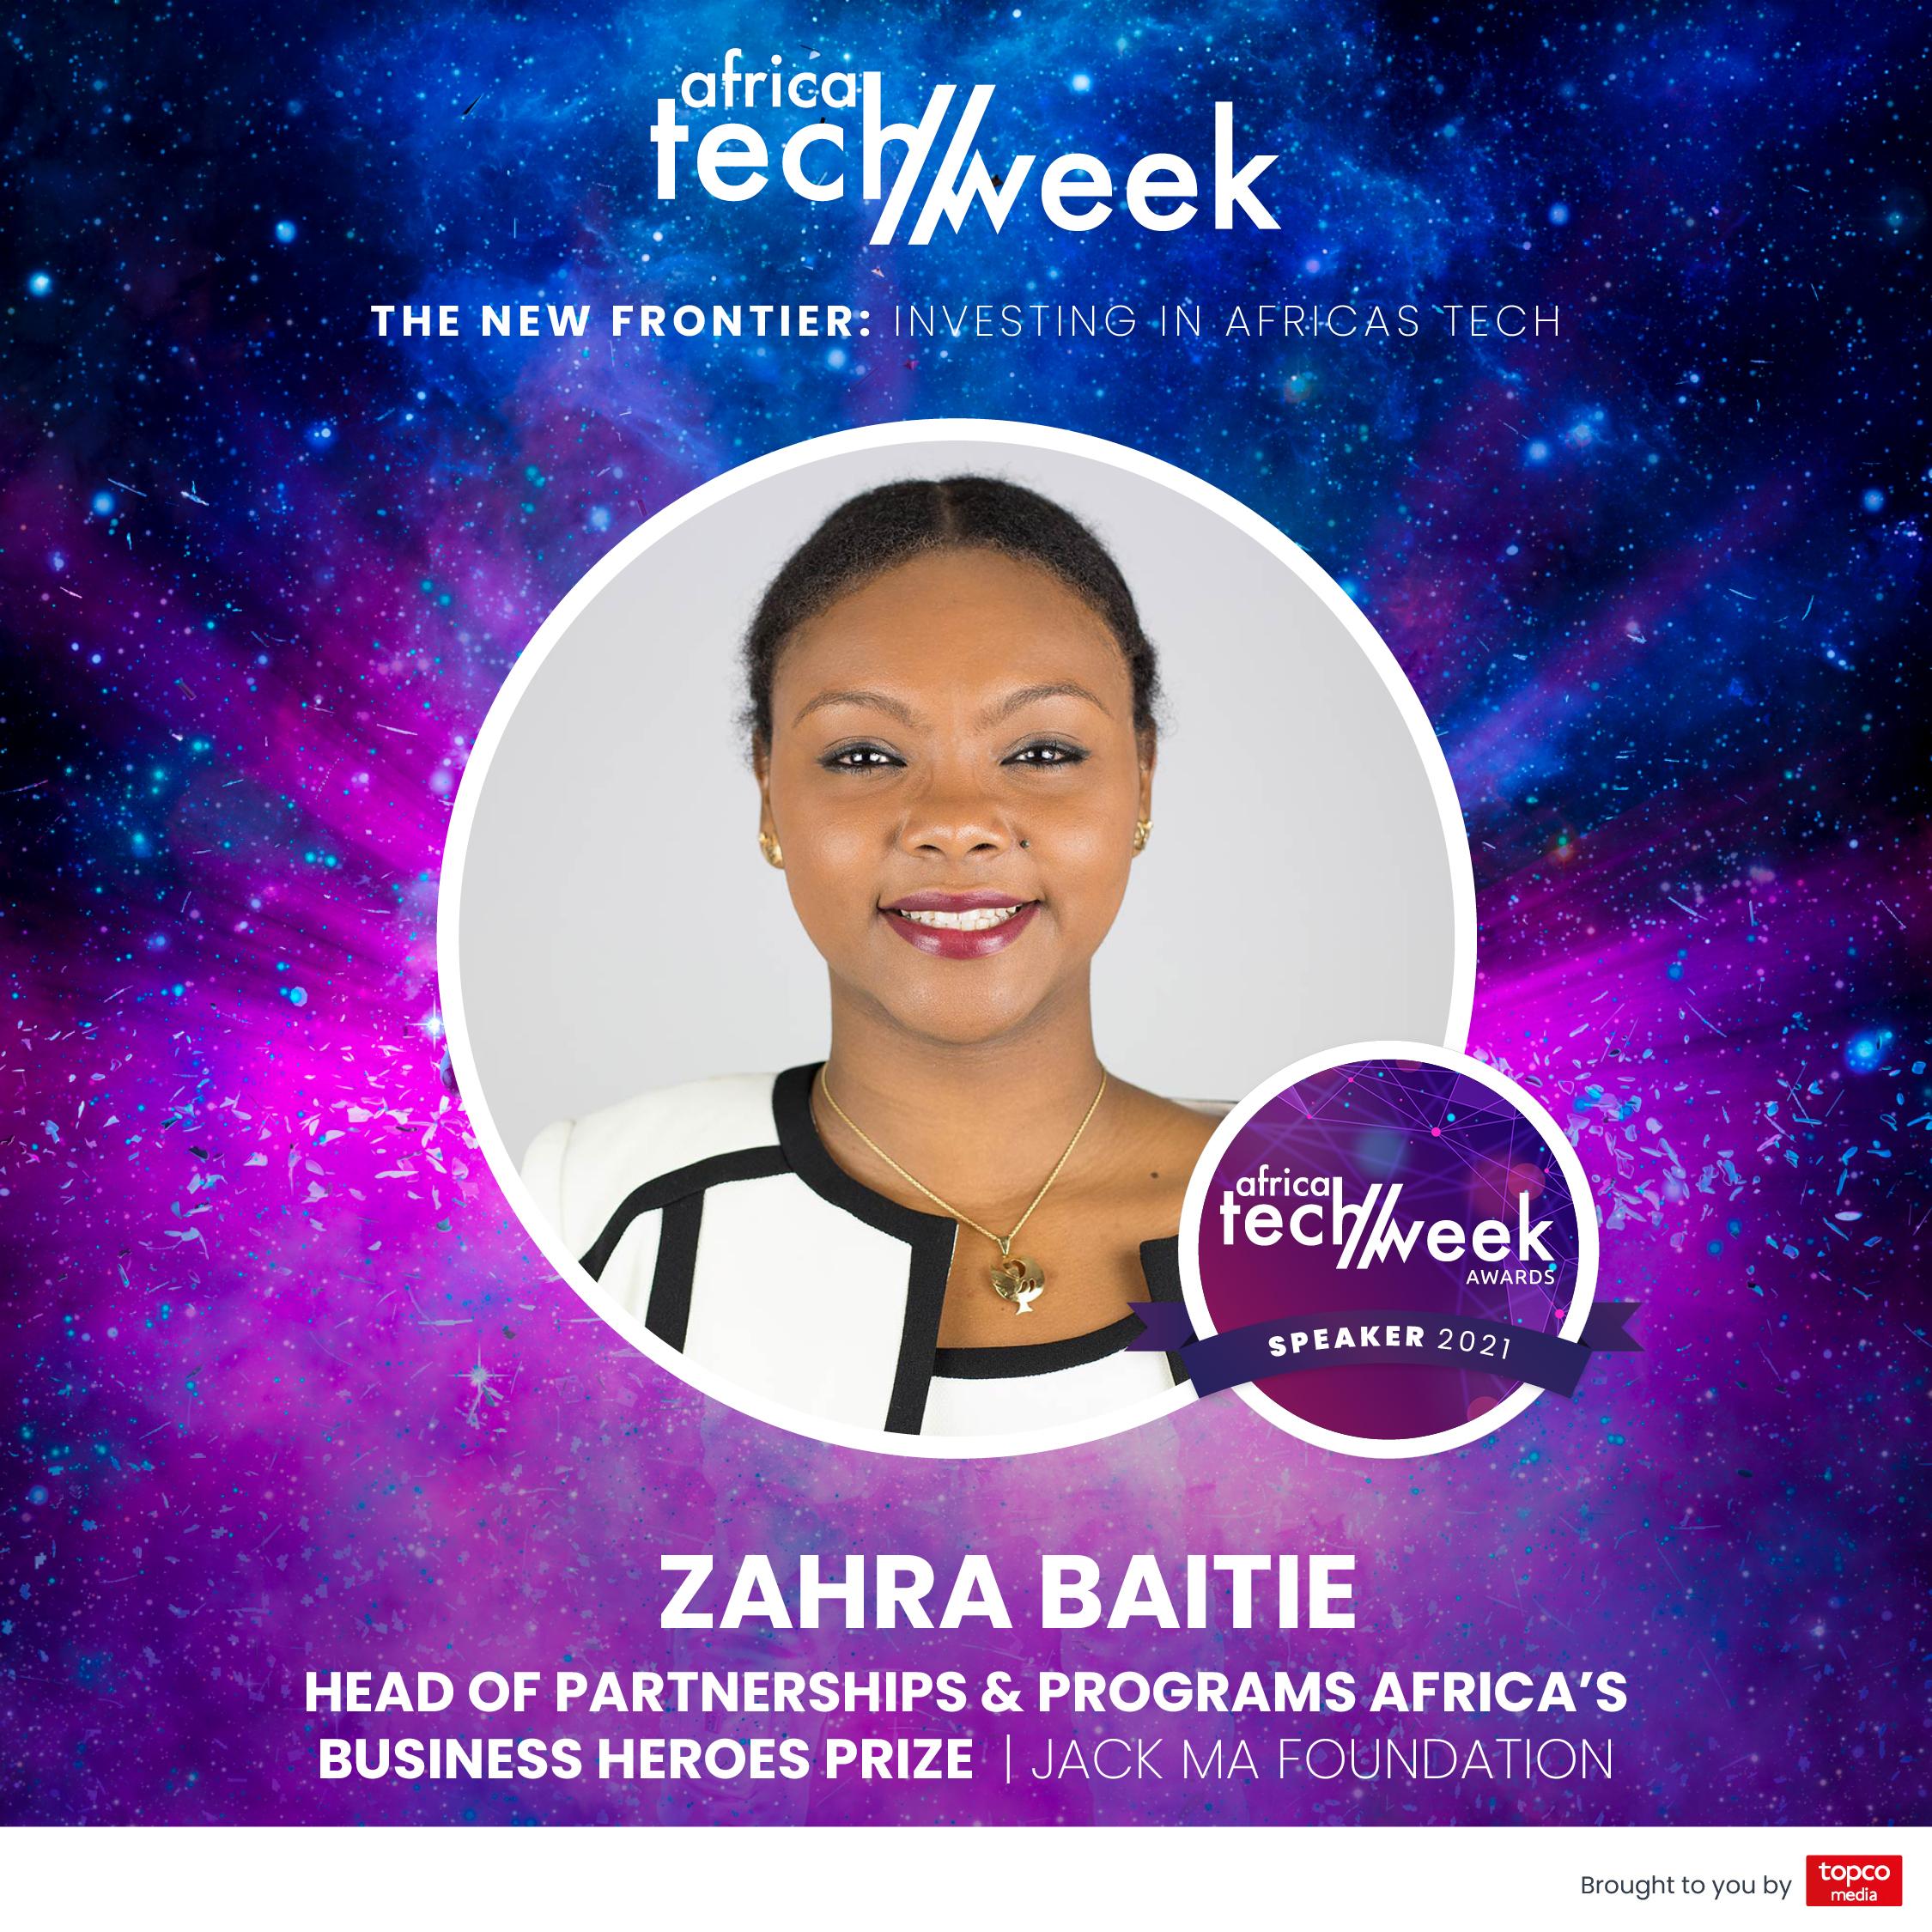 Zahra Baitie